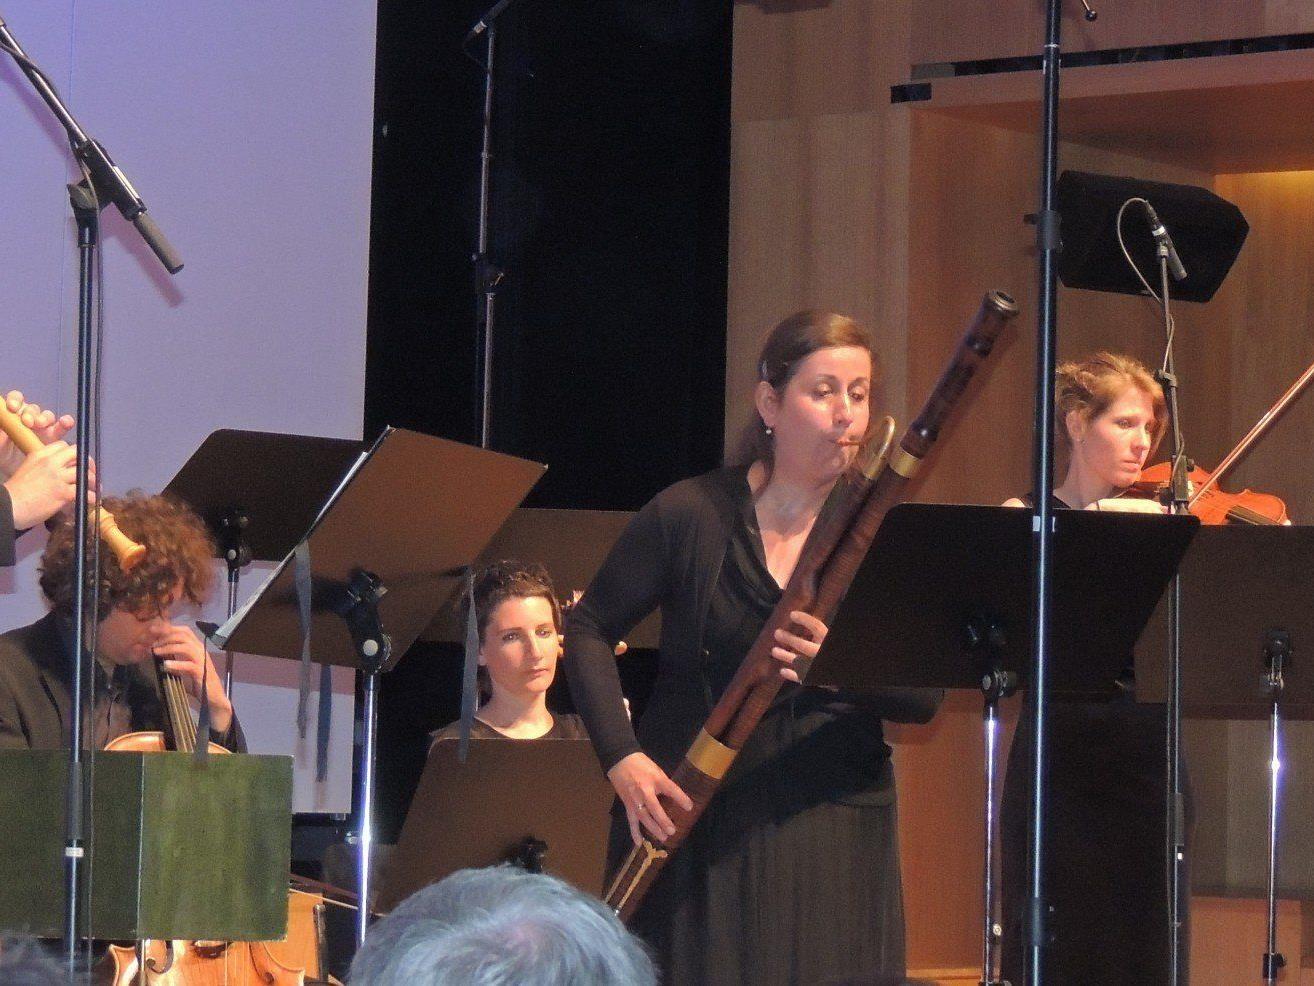 Konzert für Telemann AMBACH (v. links Wolfram Schurig, Barbara Meditz, ganz rechts Lucas Schurig-Breuß, Viola).